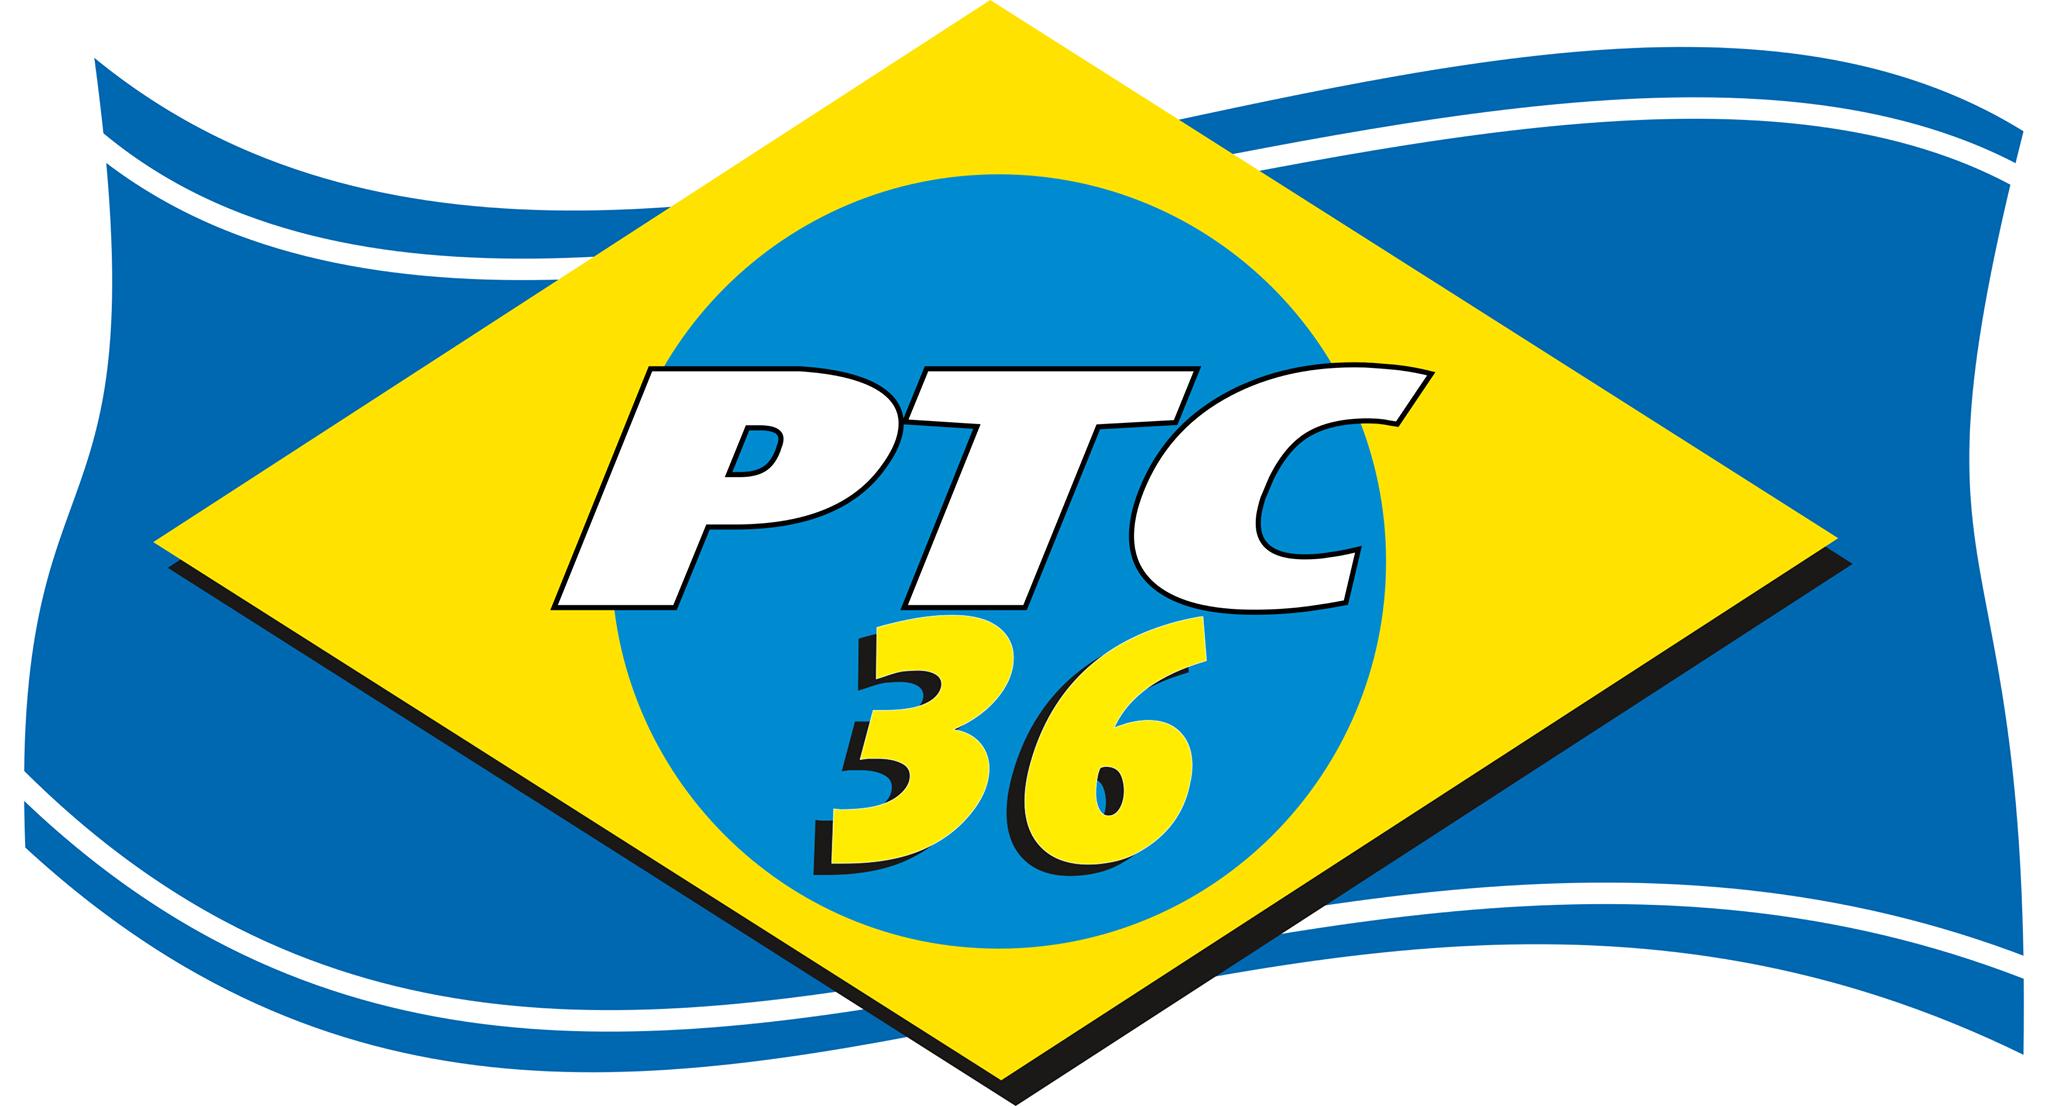 PTC confirma convenção em São José de Ribamar